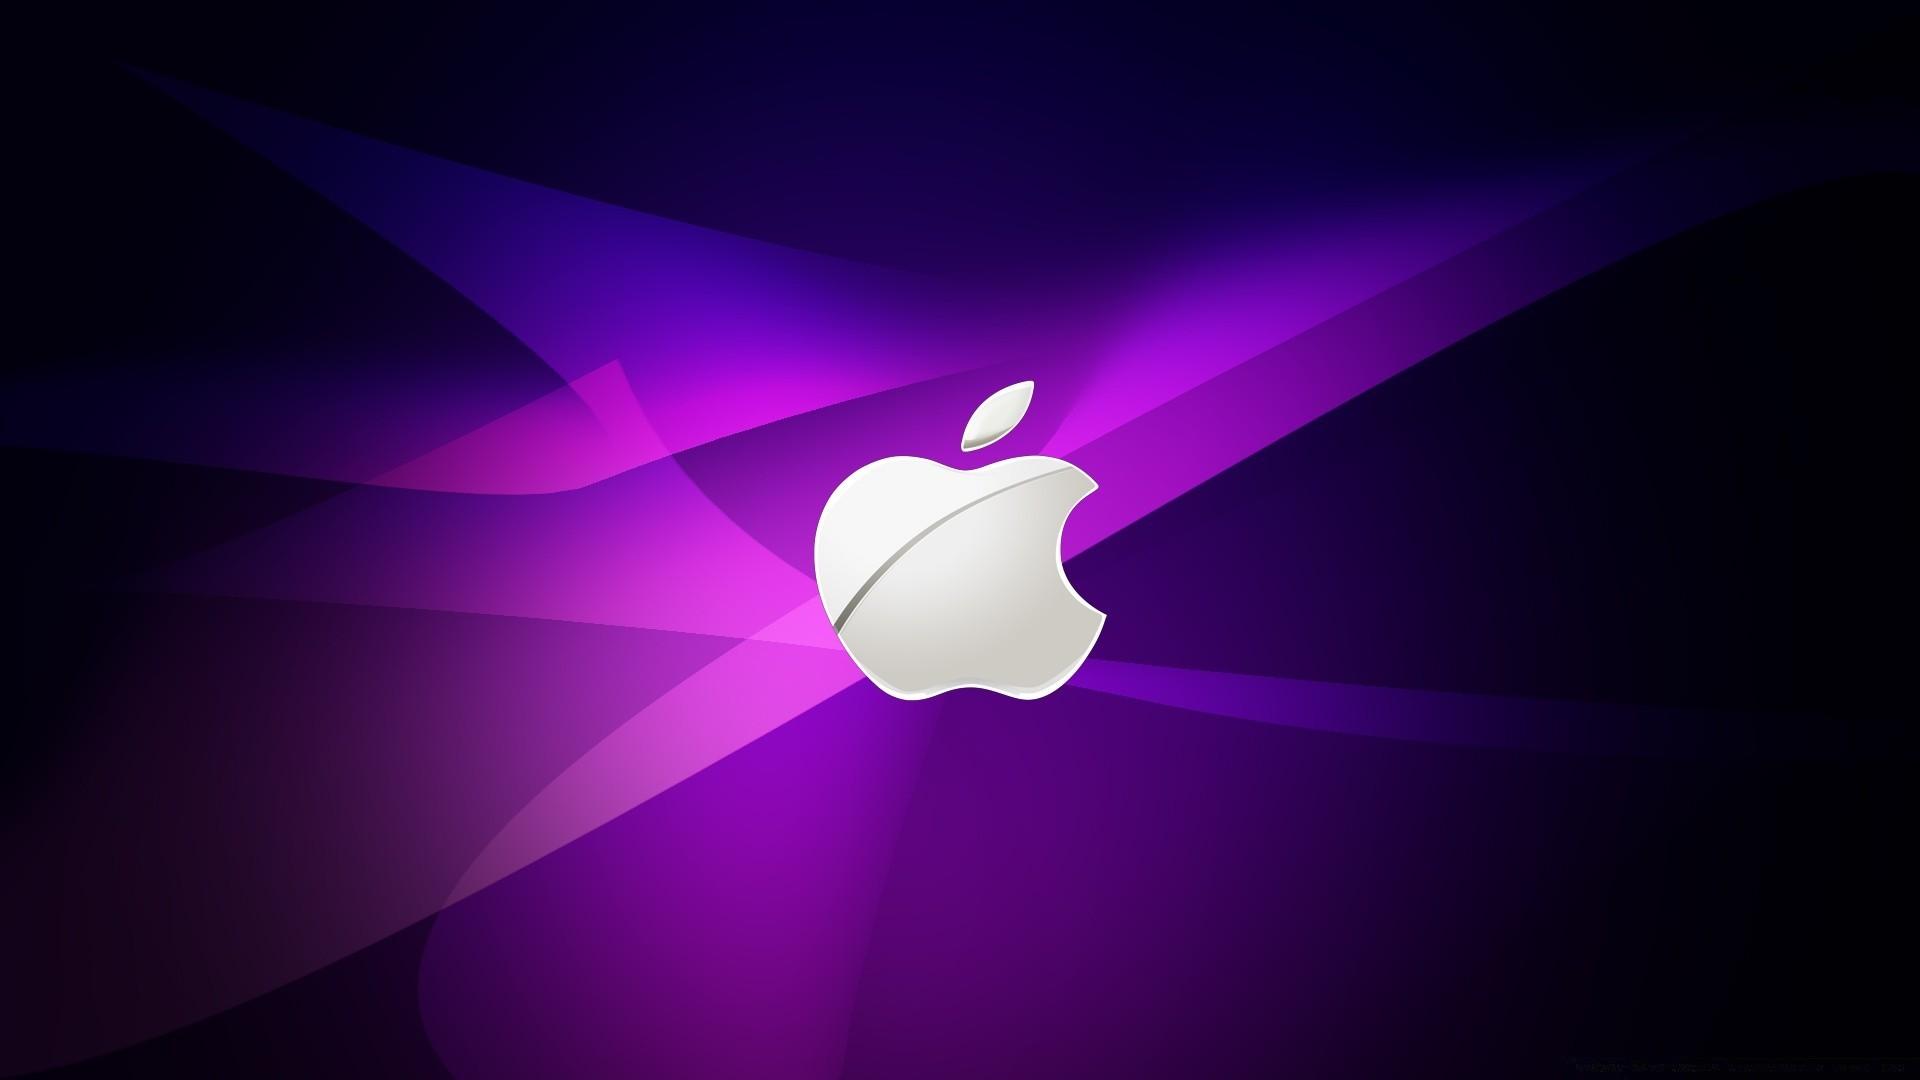 1920x1200 apple purple blue wallpaper